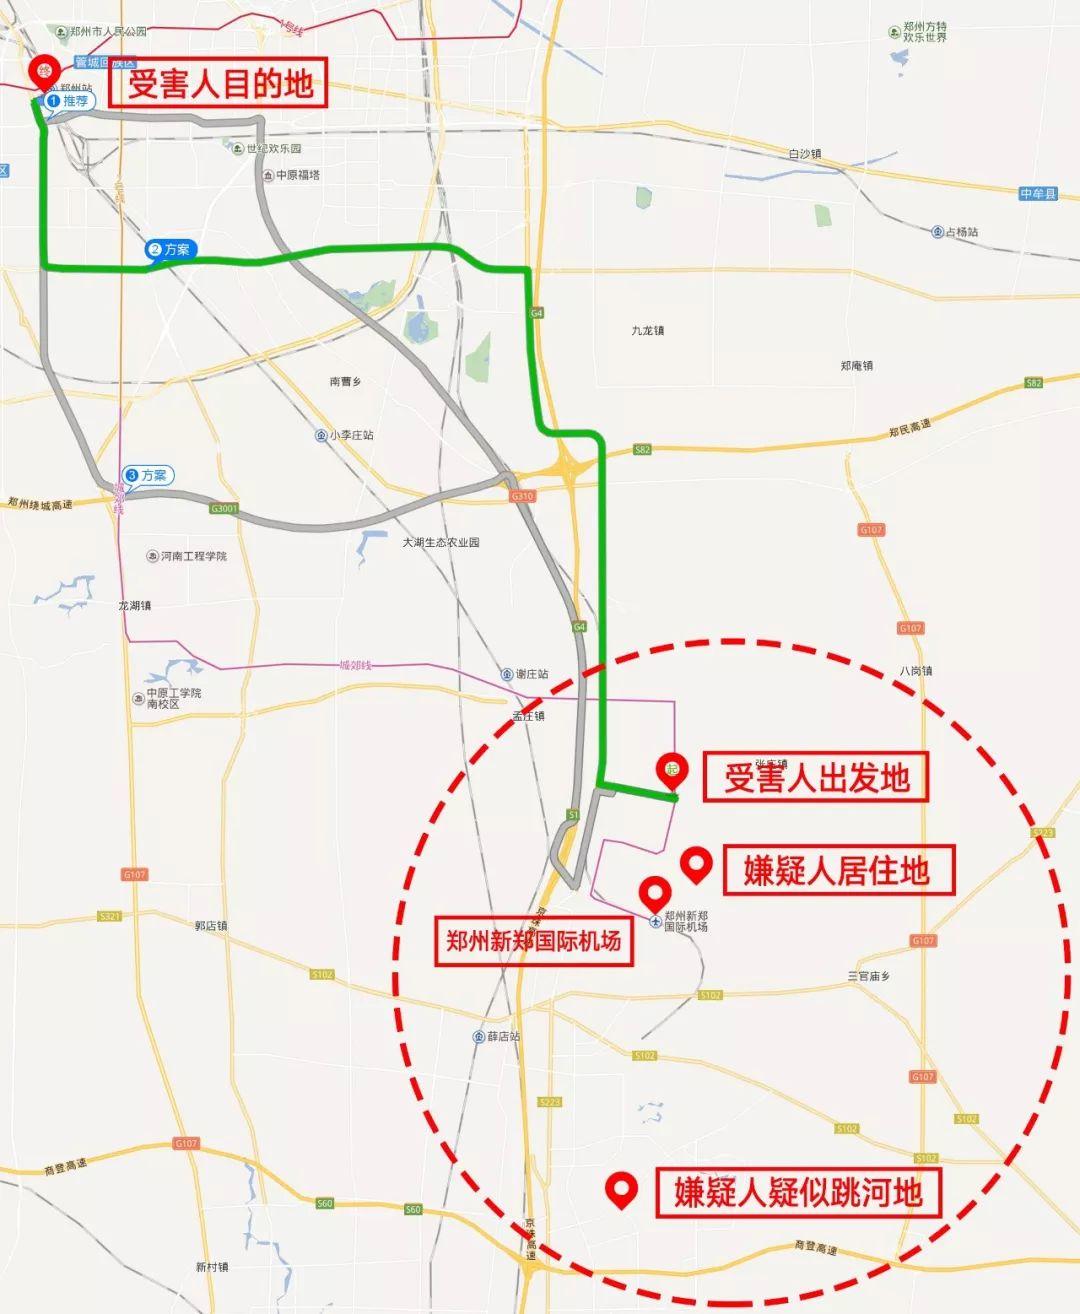 ▲受害人出发地、嫌疑人居住地与疑似跳河地示意图:受害人打车前往西北方向的郑州站,应为绿色路线所示 红星新闻制图